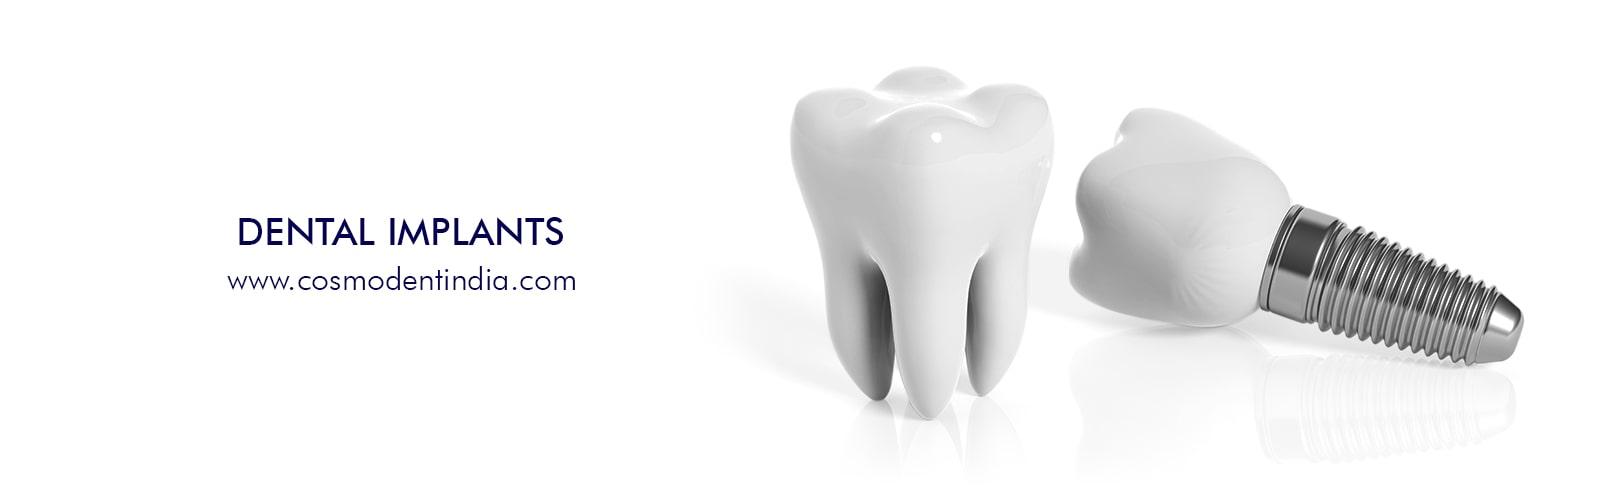 牙科植入物 - 右 - 在 - 你的角